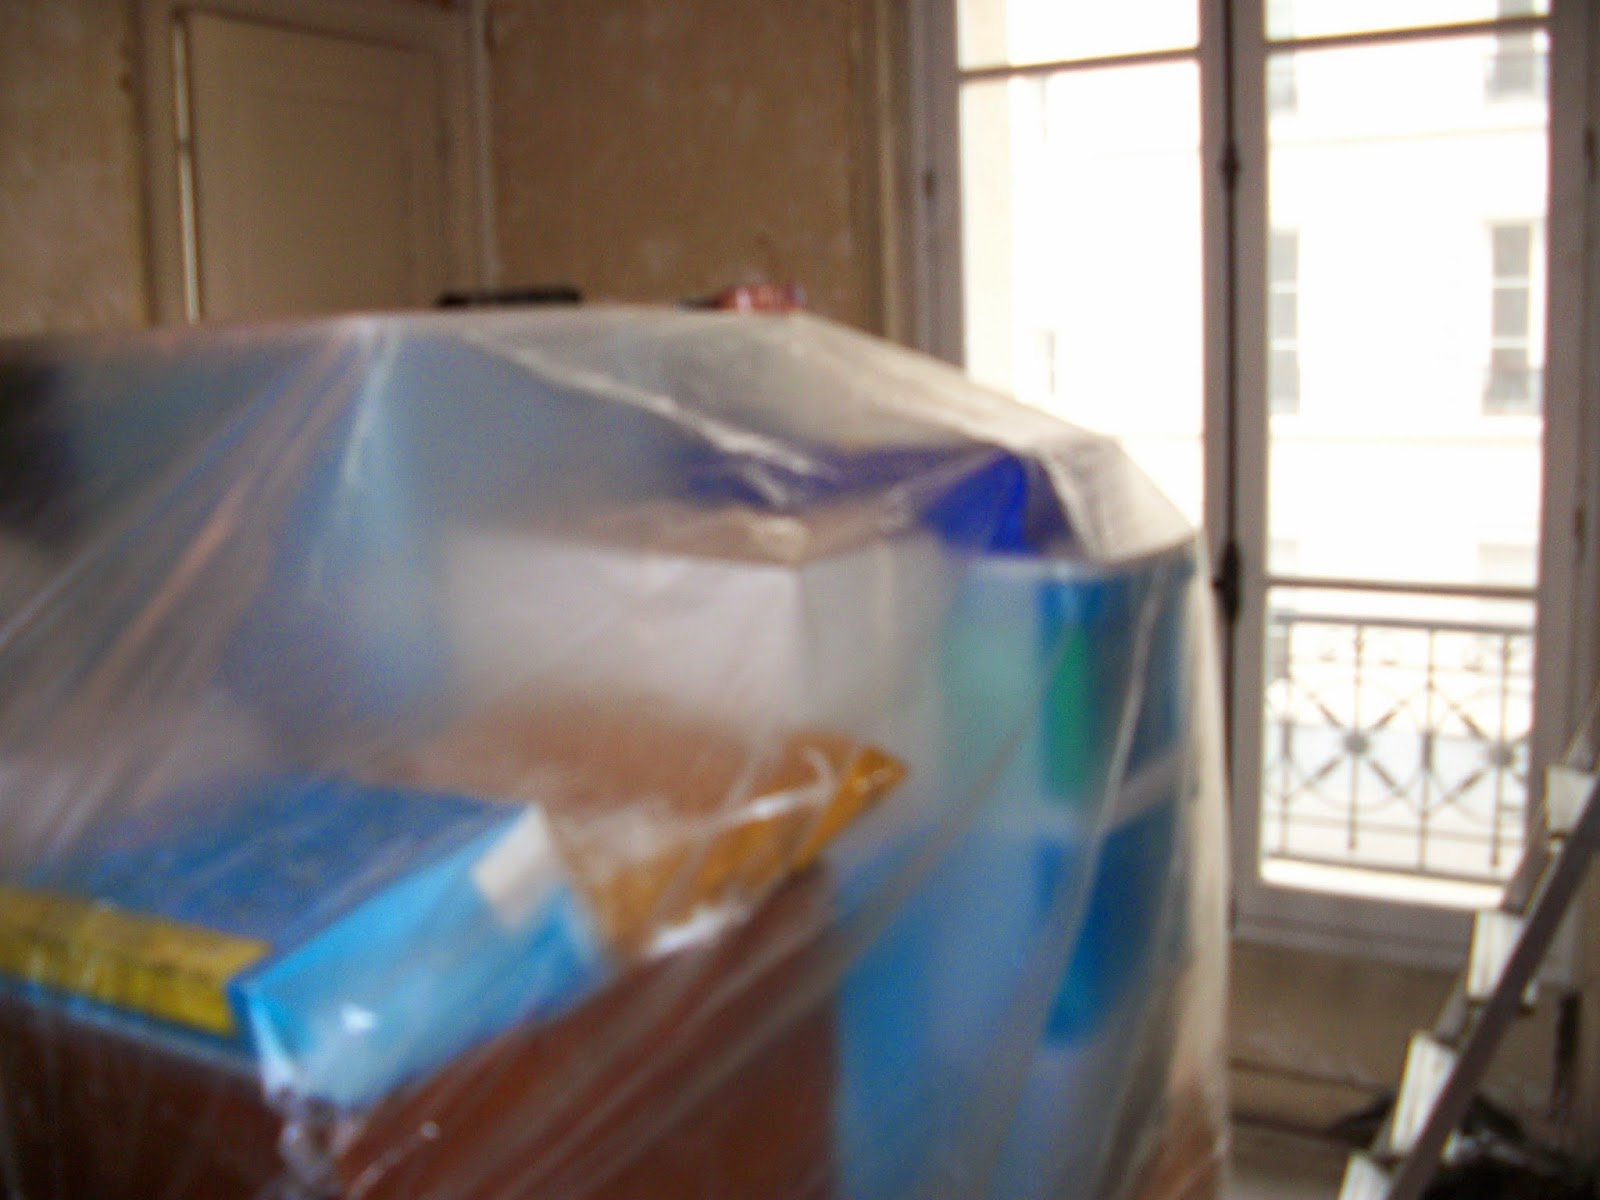 Peintre en Bâtiment Paris-1, Peintre en Bâtiment Paris-2, Entreprise Peinture Cage d'escalier Paris-1, Entreprise Peinture Cage d'escalier Paris-2, Entreprise Peinture Cage d'escalier Paris-3, Entreprise Peinture Cage d'escalier Paris-4, Entreprise Peinture Cage d'escalier Paris-5, Entreprise Peinture Cage d'escalier Paris-6, Entreprise Peinture Cage d'escalier Paris-7, Entreprise Peinture Cage d'escalier Paris-8, Entreprise Peinture Cage d'escalier Paris-9, Entreprise Peinture Cage d'escalier Paris-10, Entreprise Peinture Cage d'escalier Paris-11, Entreprise Peinture Cage d'escalier Paris-12, Entreprise Peinture Cage d'escalier Paris-13, Entreprise Peinture Cage d'escalier Paris-14, Entreprise Peinture Cage d'escalier Paris-15, Entreprise Peinture Cage d'escalier Paris-16, Entreprise Peinture Cage d'escalier Paris-17, Entreprise Peinture Cage d'escalier Paris-18, Entreprise Peinture Cage d'escalier Paris-19, Entreprise Peinture Cage d'escalier Paris-20, Entreprise Peinture Cage d'escalier Val-de-Marne, Entreprise Peinture Cage d'escalier 94, Entreprise Peinture Cage d'escalier 75, Entreprise Peinture Cage d'escalier 93, Entreprise Peinture Cage d'escalier 92, Entreprise Peinture Cage d'escalier Hauts-de-Seine, Entreprise Peinture Cage d'escalier Seine-et-Marne, Entreprise Peinture Cage d'escalier 77, Entreprise Peinture Cage d'escalier 78., Peintre en Bâtiment Paris-3, Peintre en Bâtiment Paris-4, Peintre en Bâtiment Paris-5, Peintre en Bâtiment Paris-6, Peintre en Bâtiment Paris-7, Peintre en Bâtiment Paris-8, Peintre en Bâtiment Paris-9, Peintre en Bâtiment Paris-10, Peintre en Bâtiment Paris-11, Peintre en Bâtiment Paris-12, Peintre en Bâtiment Paris-13, Peintre en Bâtiment Paris-14, Peintre en Bâtiment Paris-15, Peintre en Bâtiment Paris-16, Peintre en Bâtiment Paris-17, Peintre en Bâtiment Paris-18, Peintre en Bâtiment Paris-19, Peintre en Bâtiment Paris-20, Peintre en Bâtiment Hauts-de-Seine 92, Peintre en Bâtiment Val-de-Marne 94, Peintre en Bâtiment Seine S